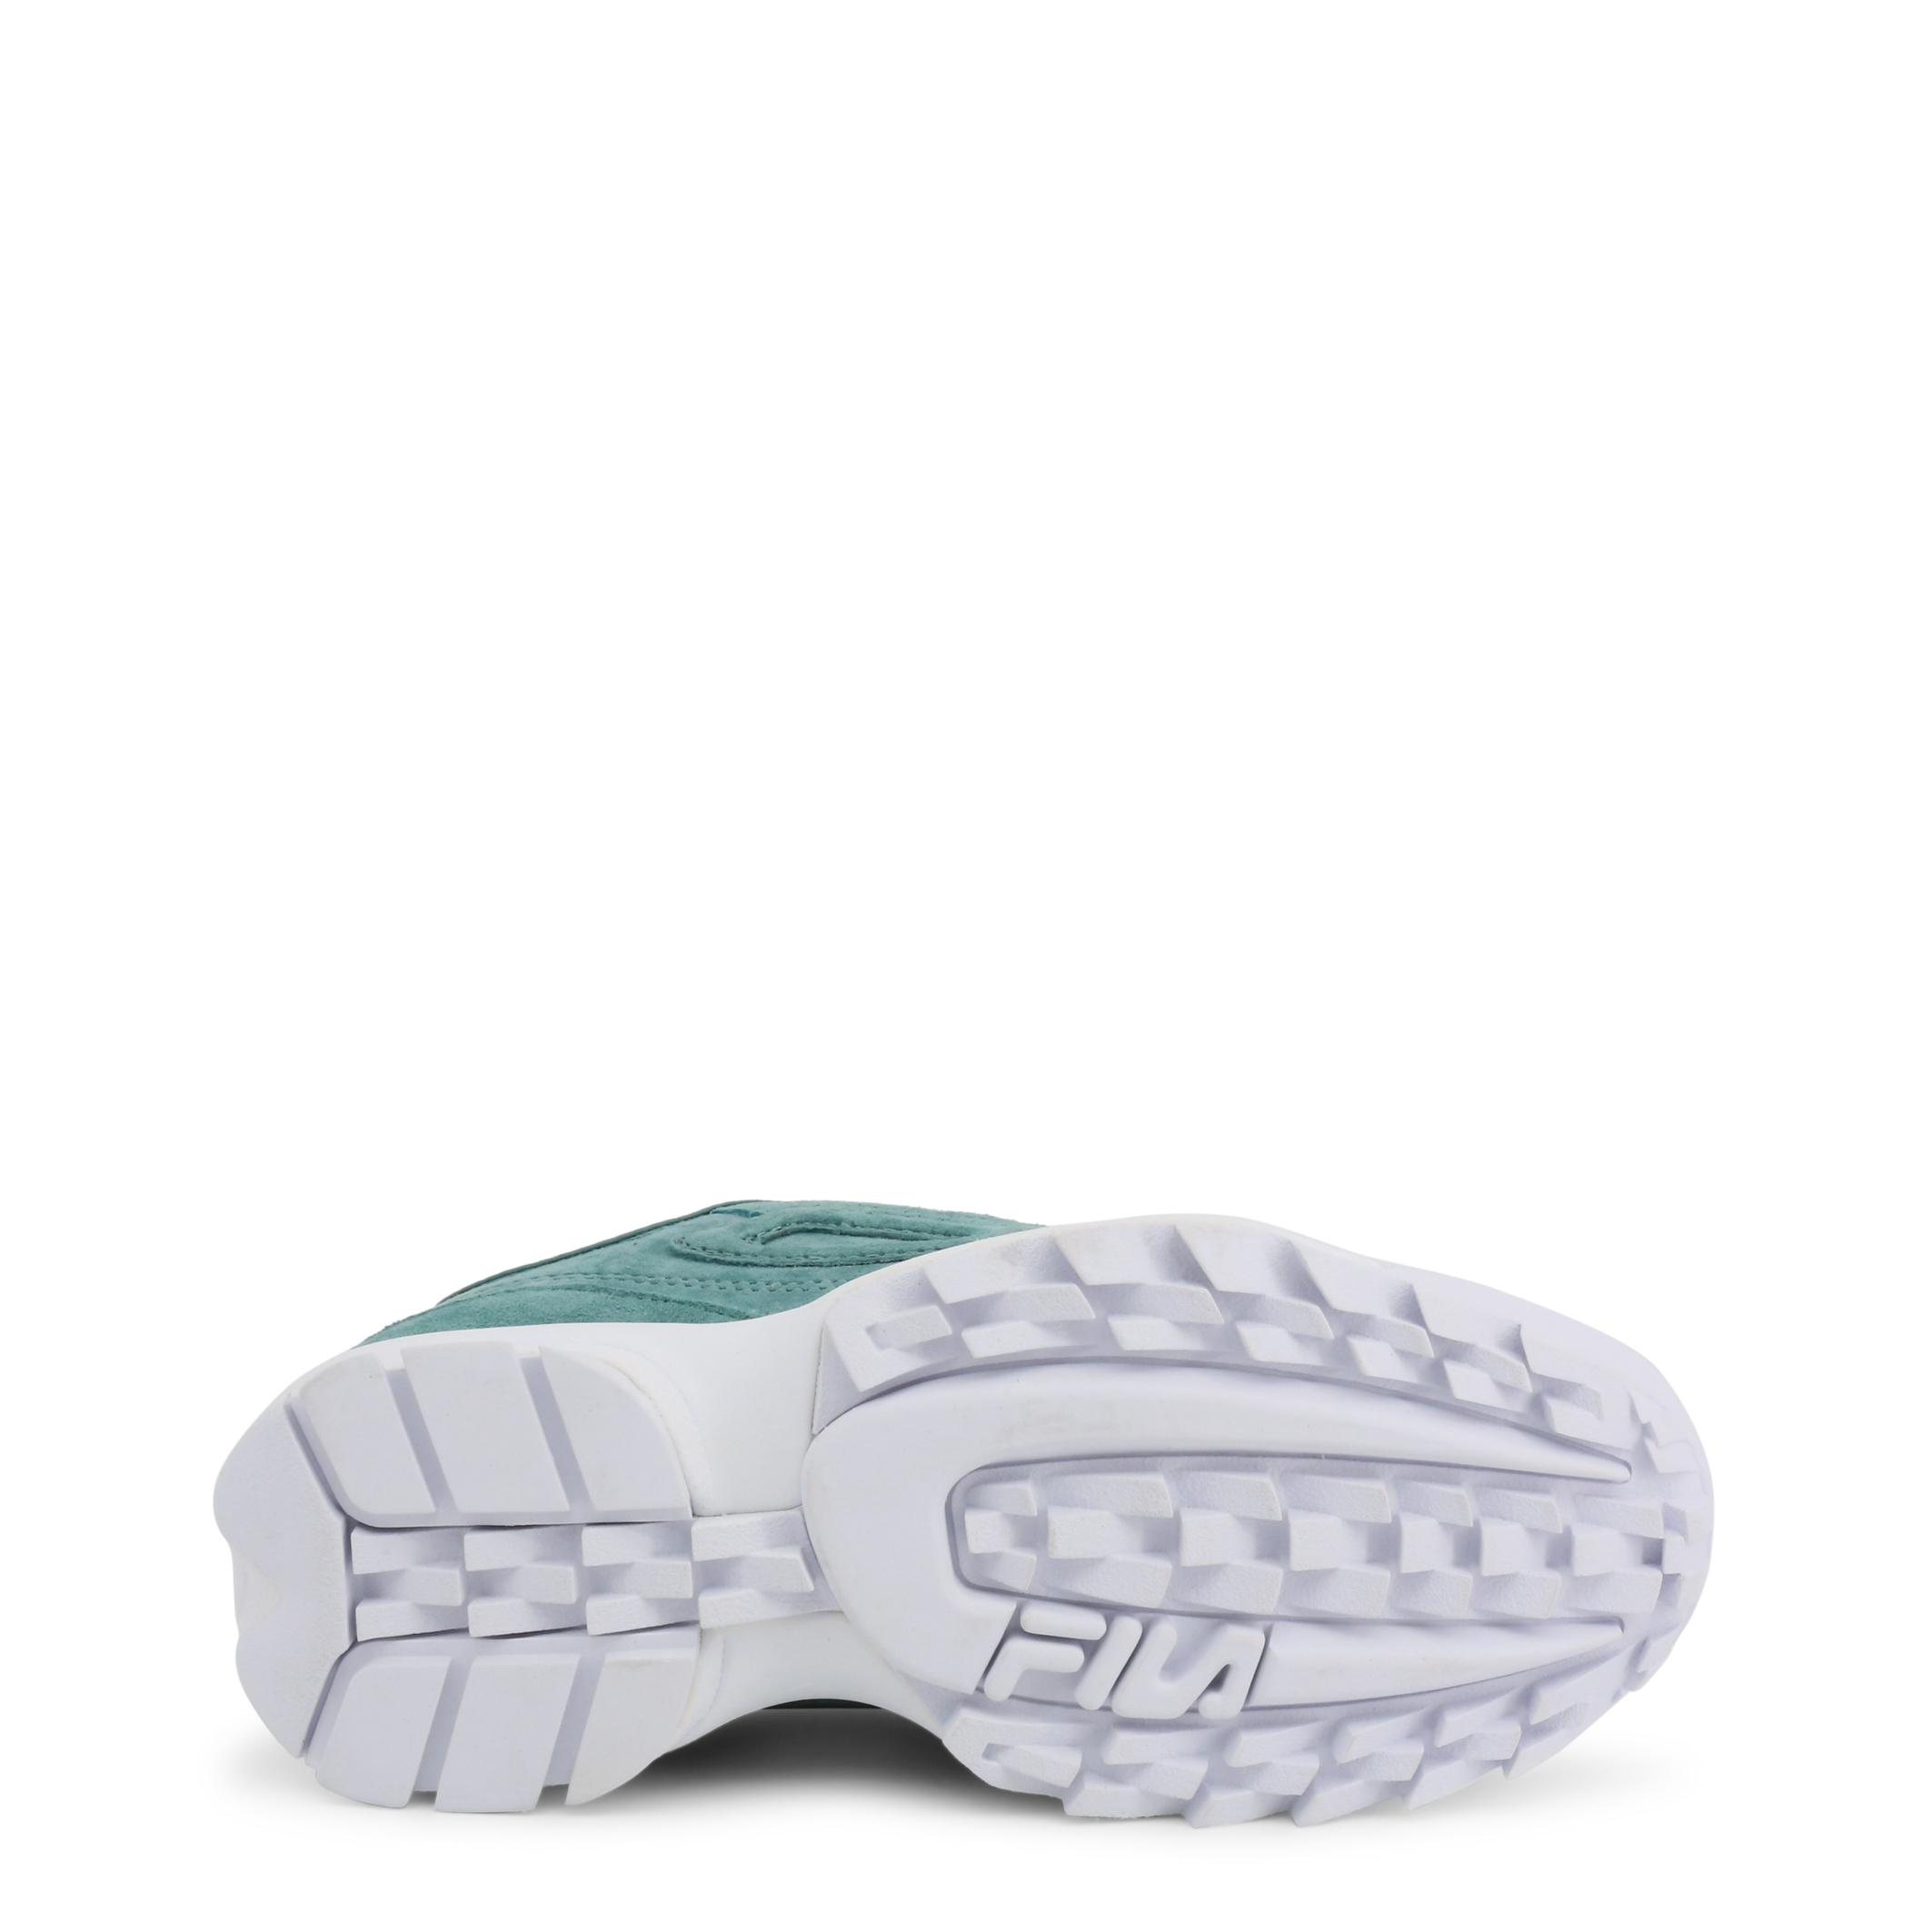 Baskets / Sneakers  Fila DISRUPTOR-S-LOW_1010605 green